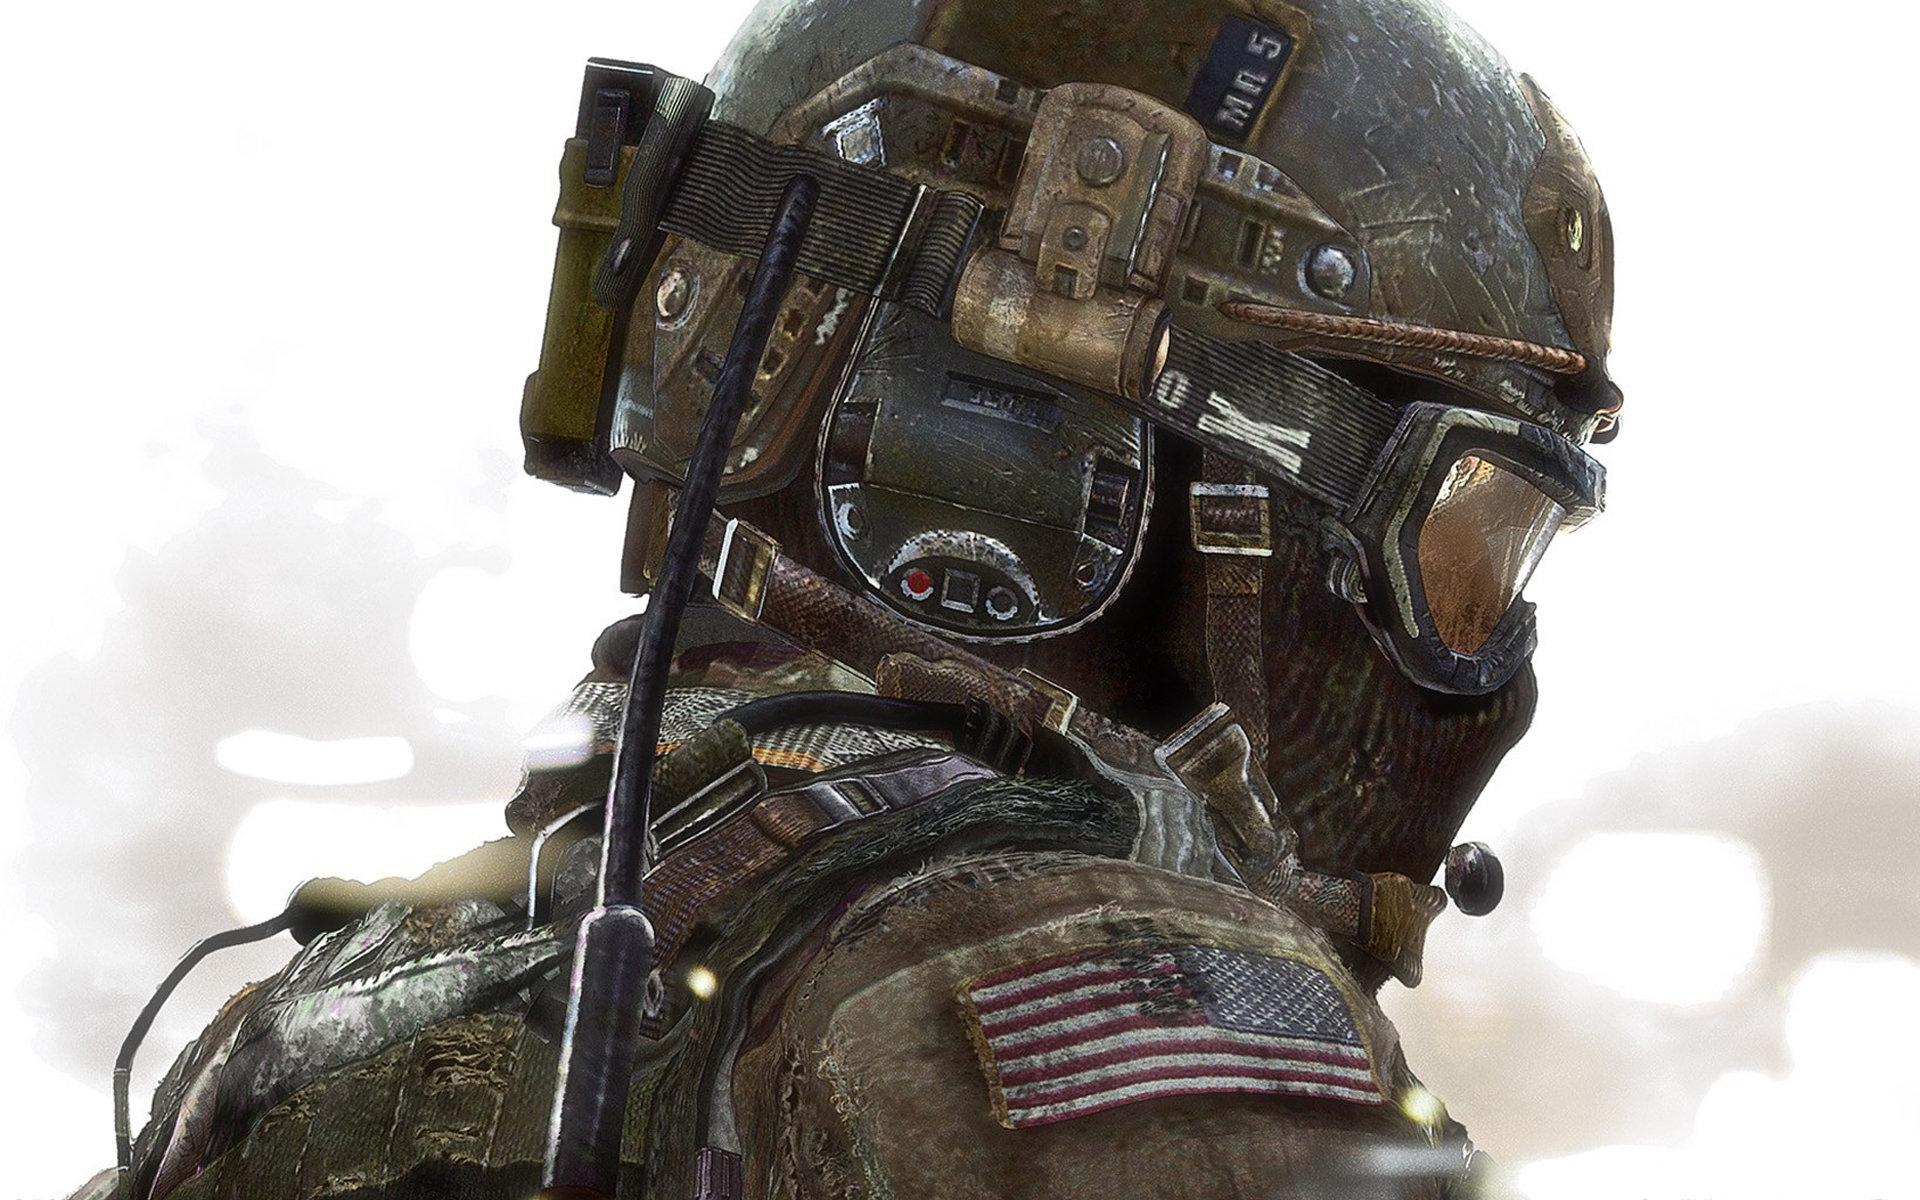 Call Of Duty Modern Warfare 2 Mw2 Wallpapers Hd For Desktop